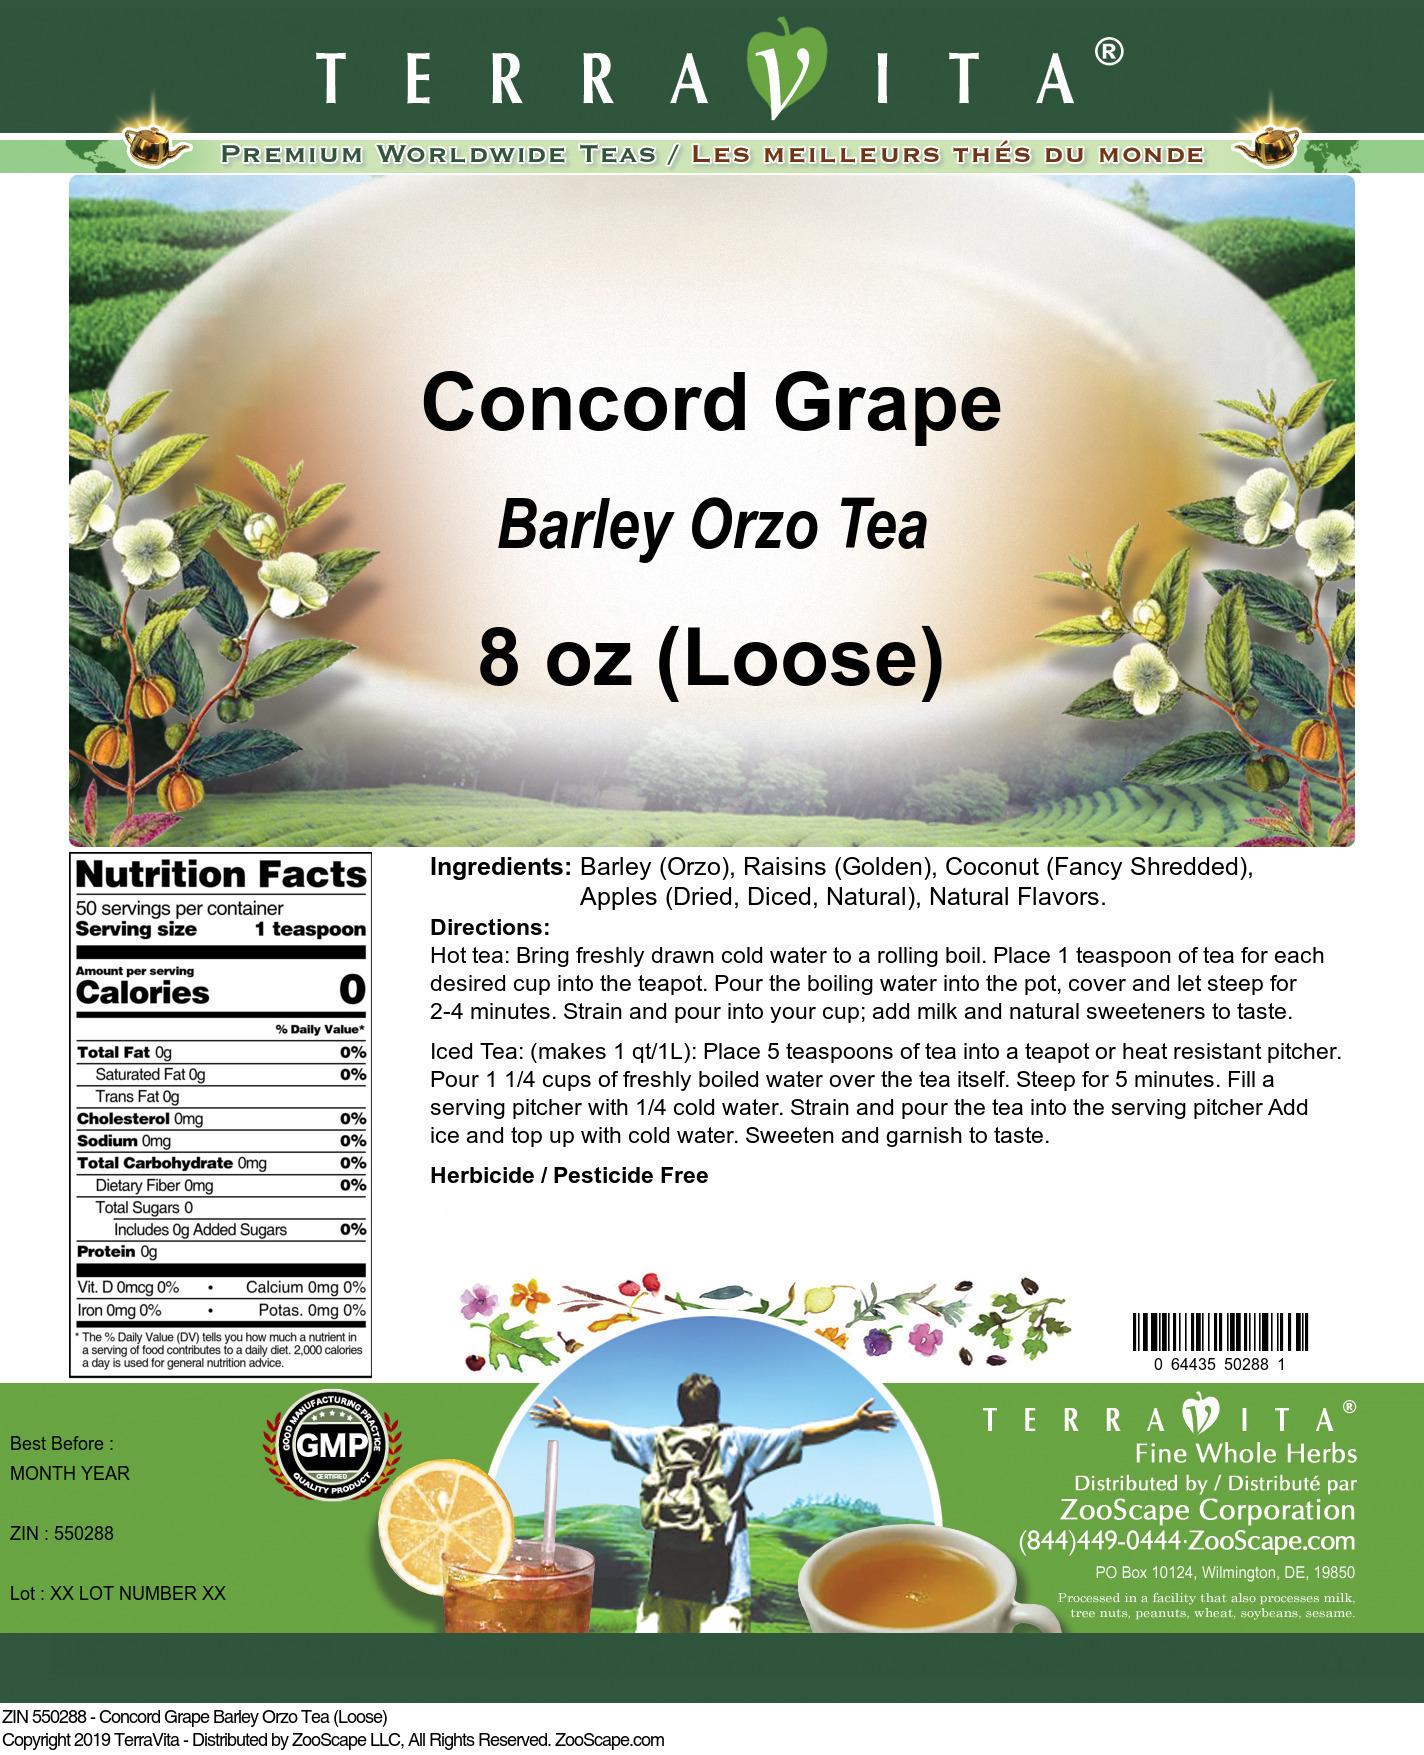 Concord Grape Barley Orzo